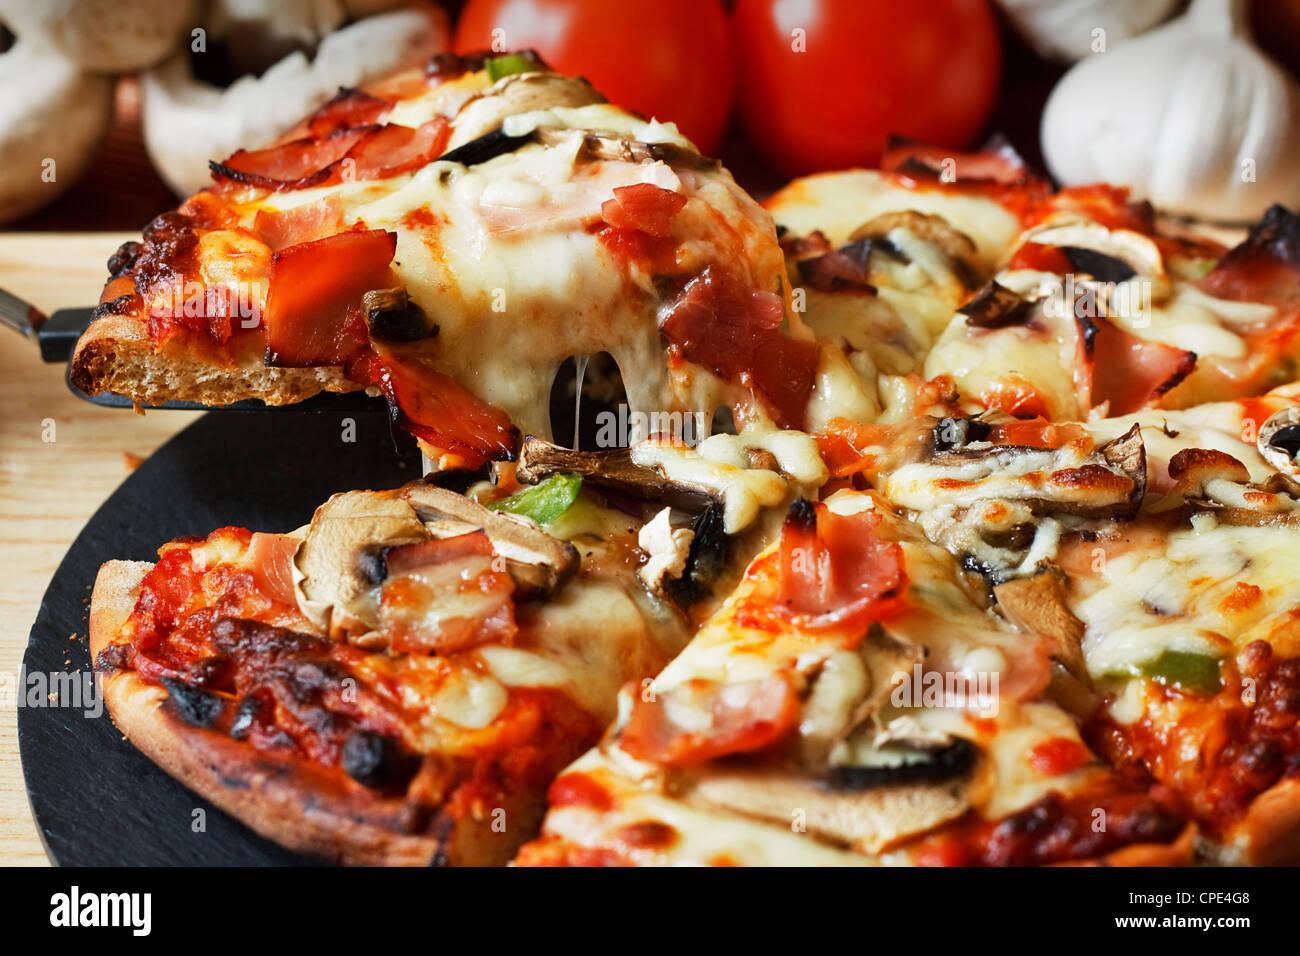 Servire fetta di prosciutto e funghi pizza con close up sul fuso filante mozzarella Immagini Stock